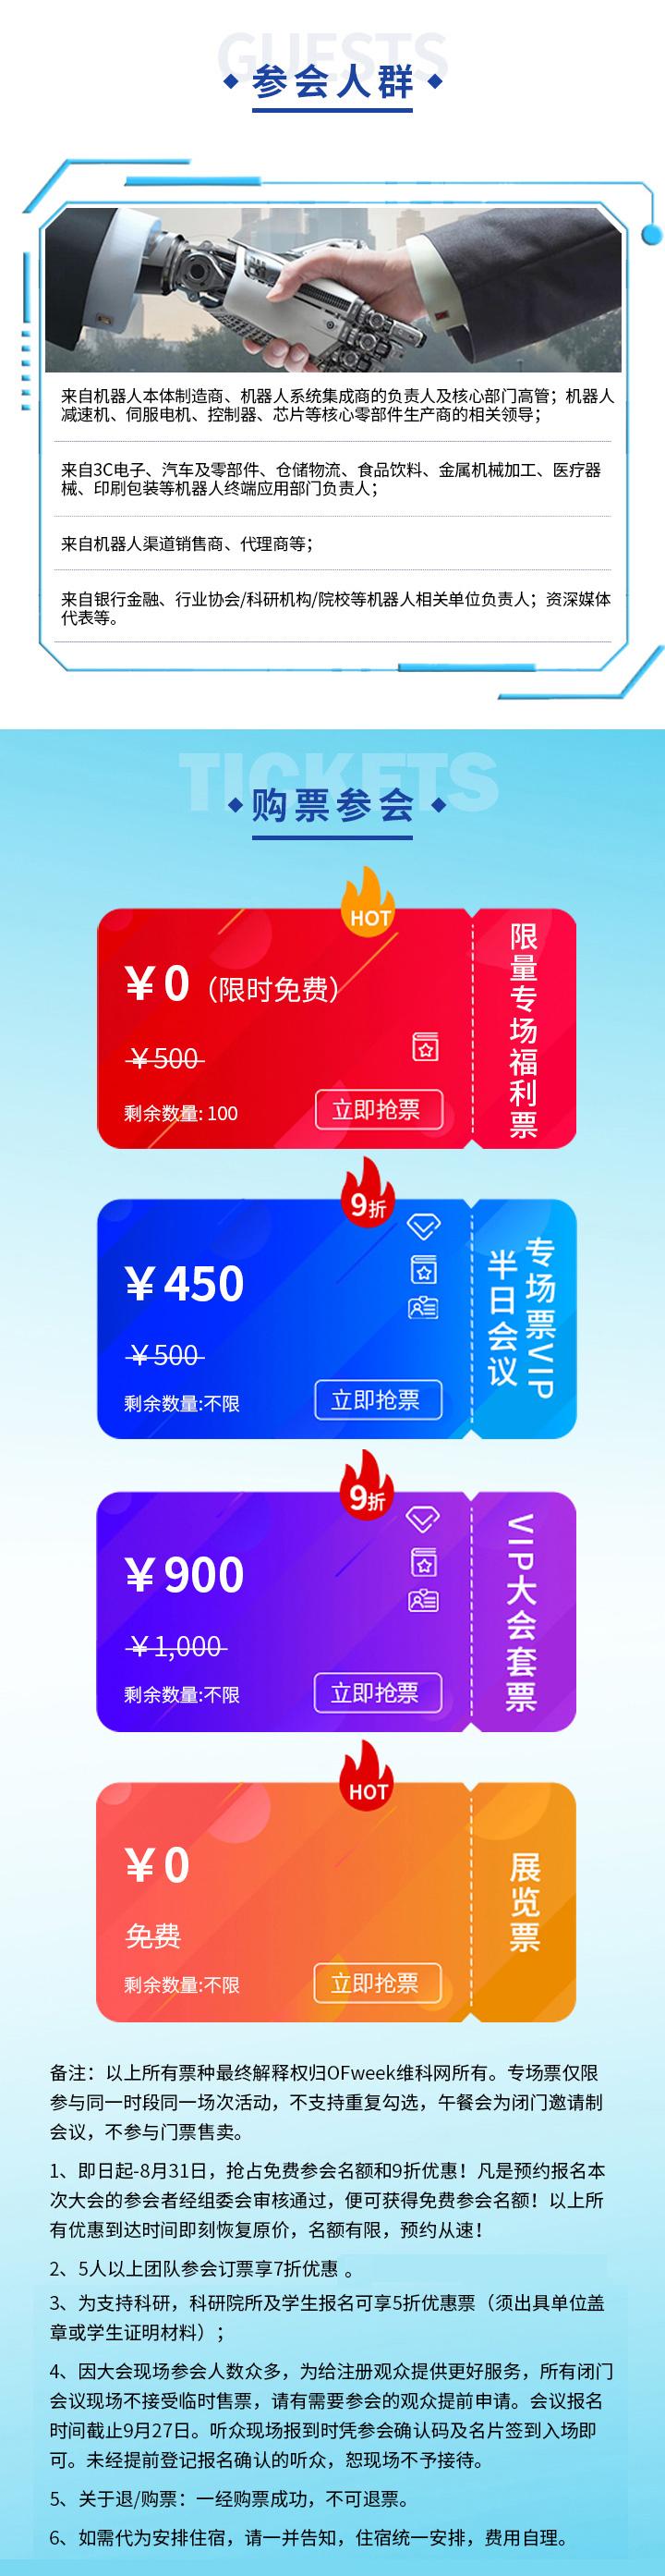 中国机器人系统集成峰会